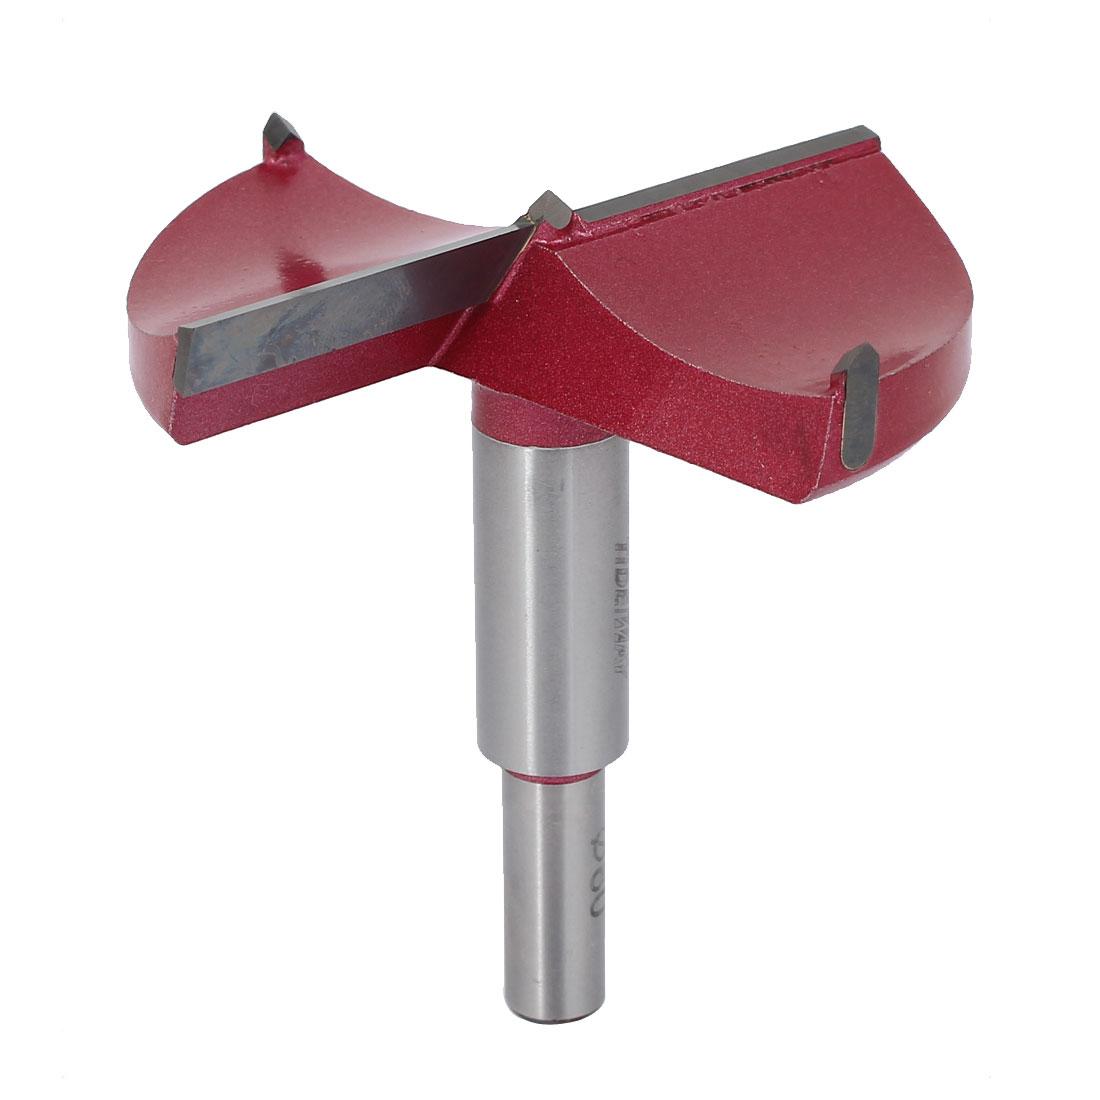 80mm x 87.5mm TCT Auger Carbide Tip Kit Wood Forstner Drill Hinge Boring Bit